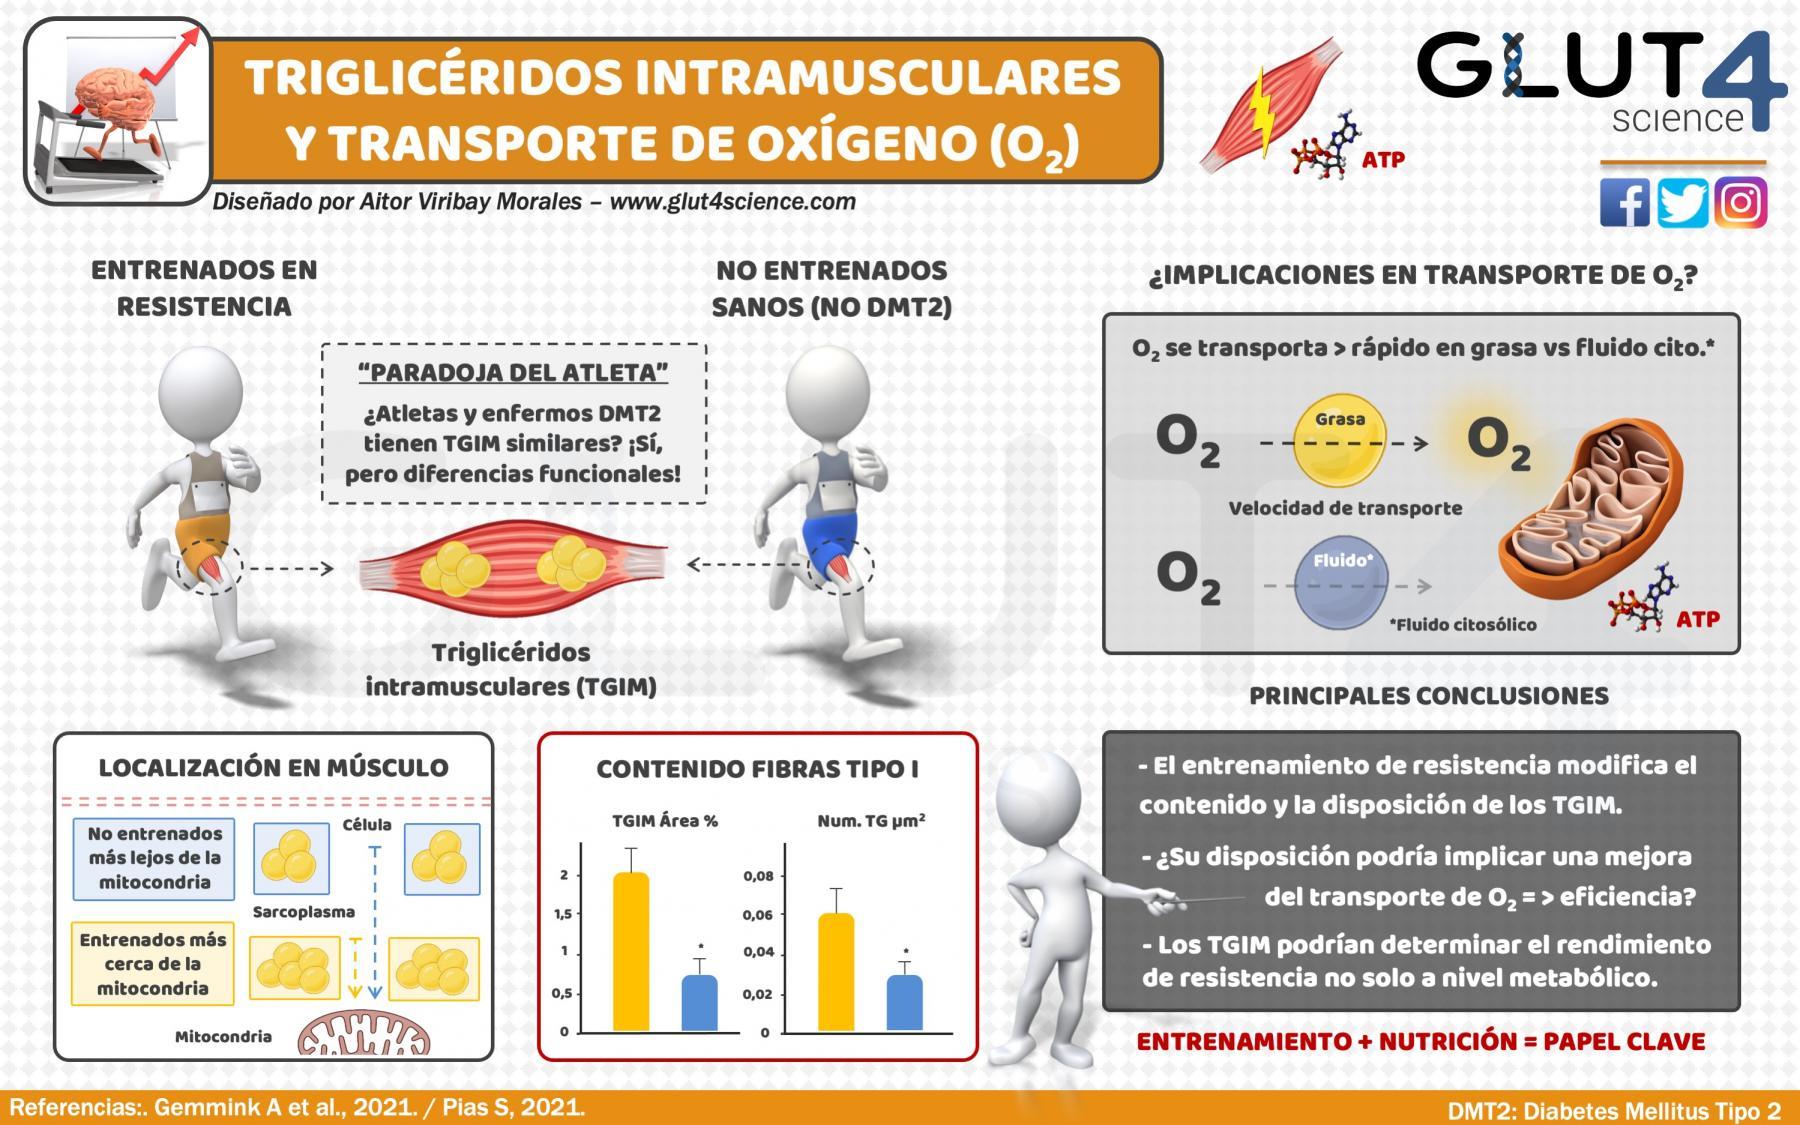 Triglicéridos Intramusculares, eficiencia y transporte de oxígeno